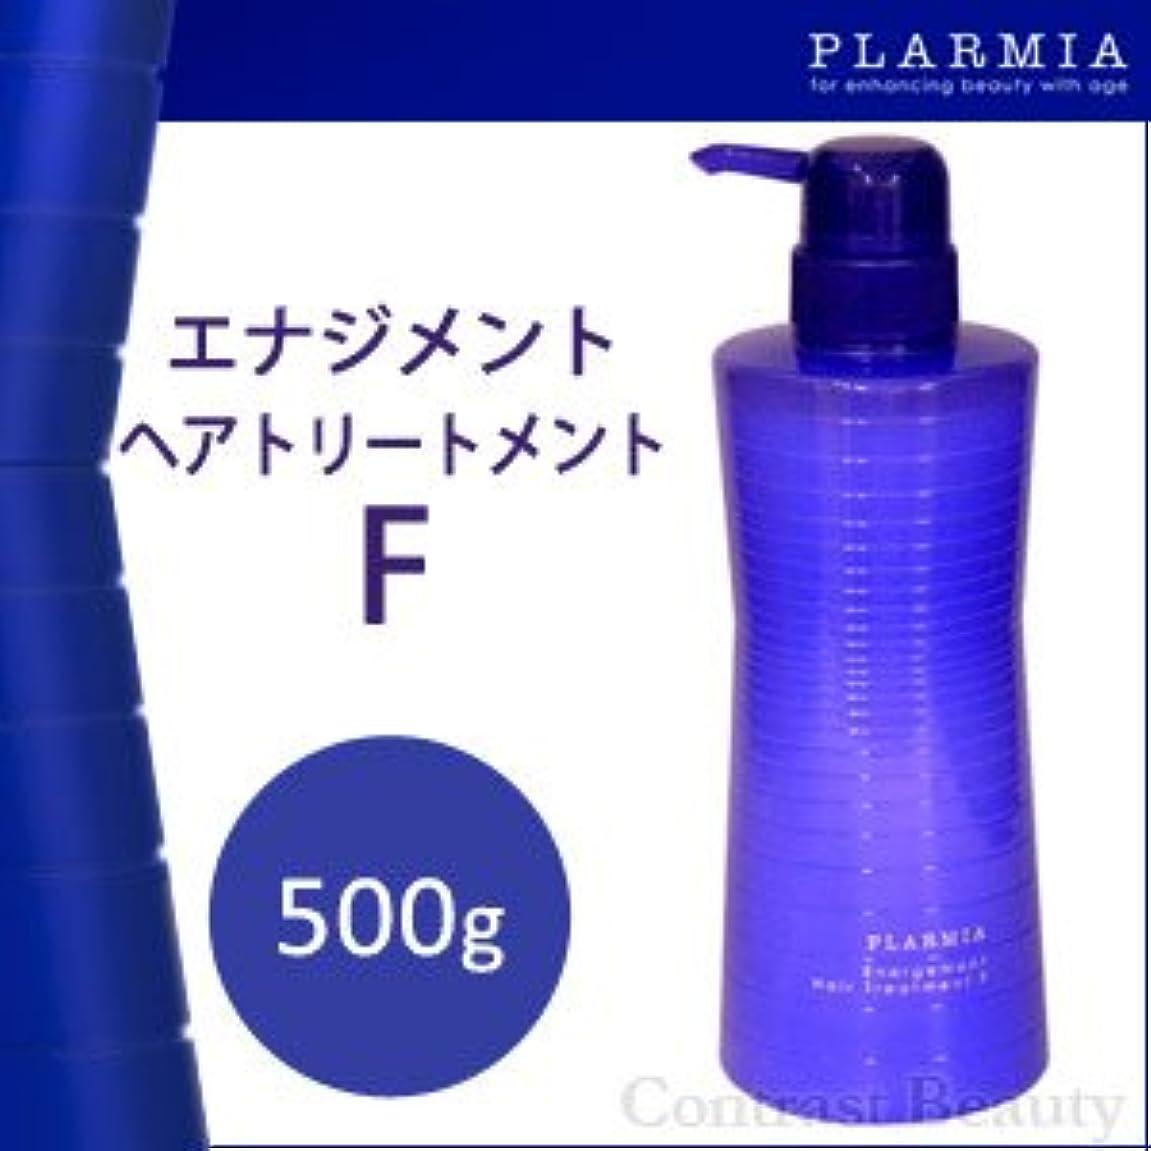 老人通常ジェム【X2個セット】 ミルボン プラーミア エナジメントヘアトリートメントF 500g 【軟毛?ふんわりさせたい用】 Milbon PLARMIA